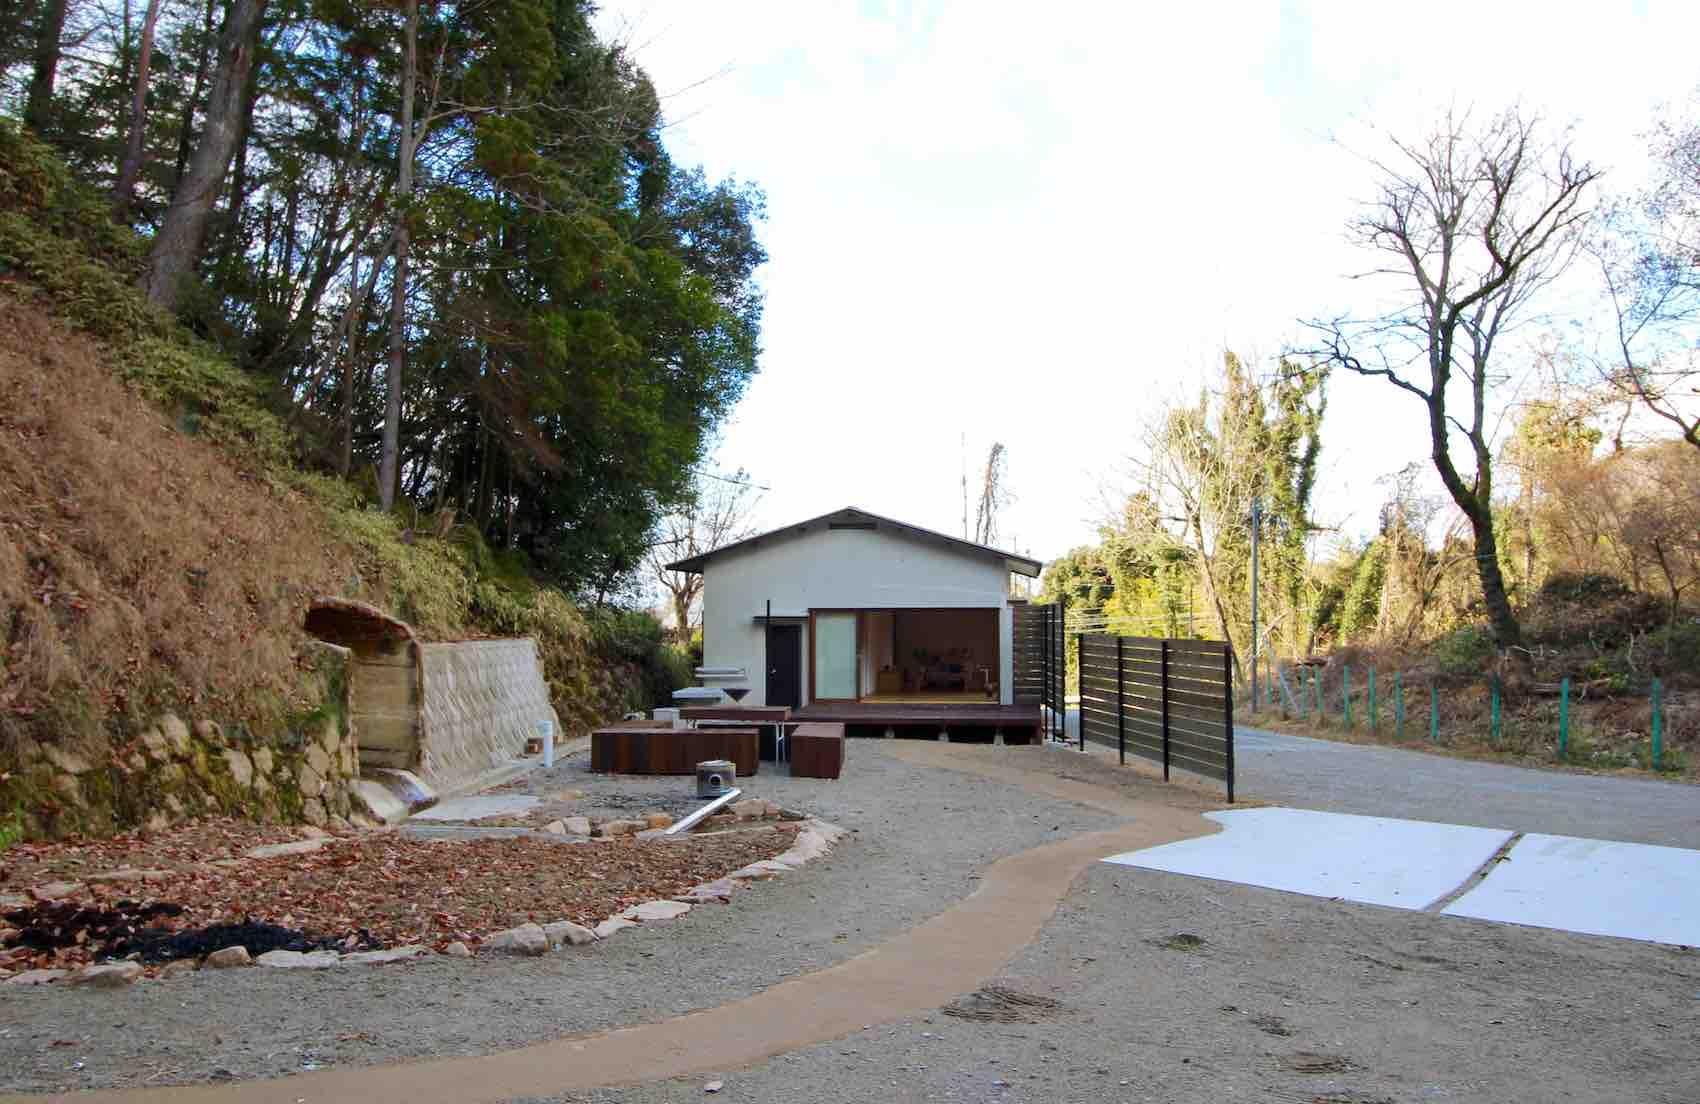 山に佇む小さな平屋 (神戸市北区有馬町の物件) - 神戸R不動産